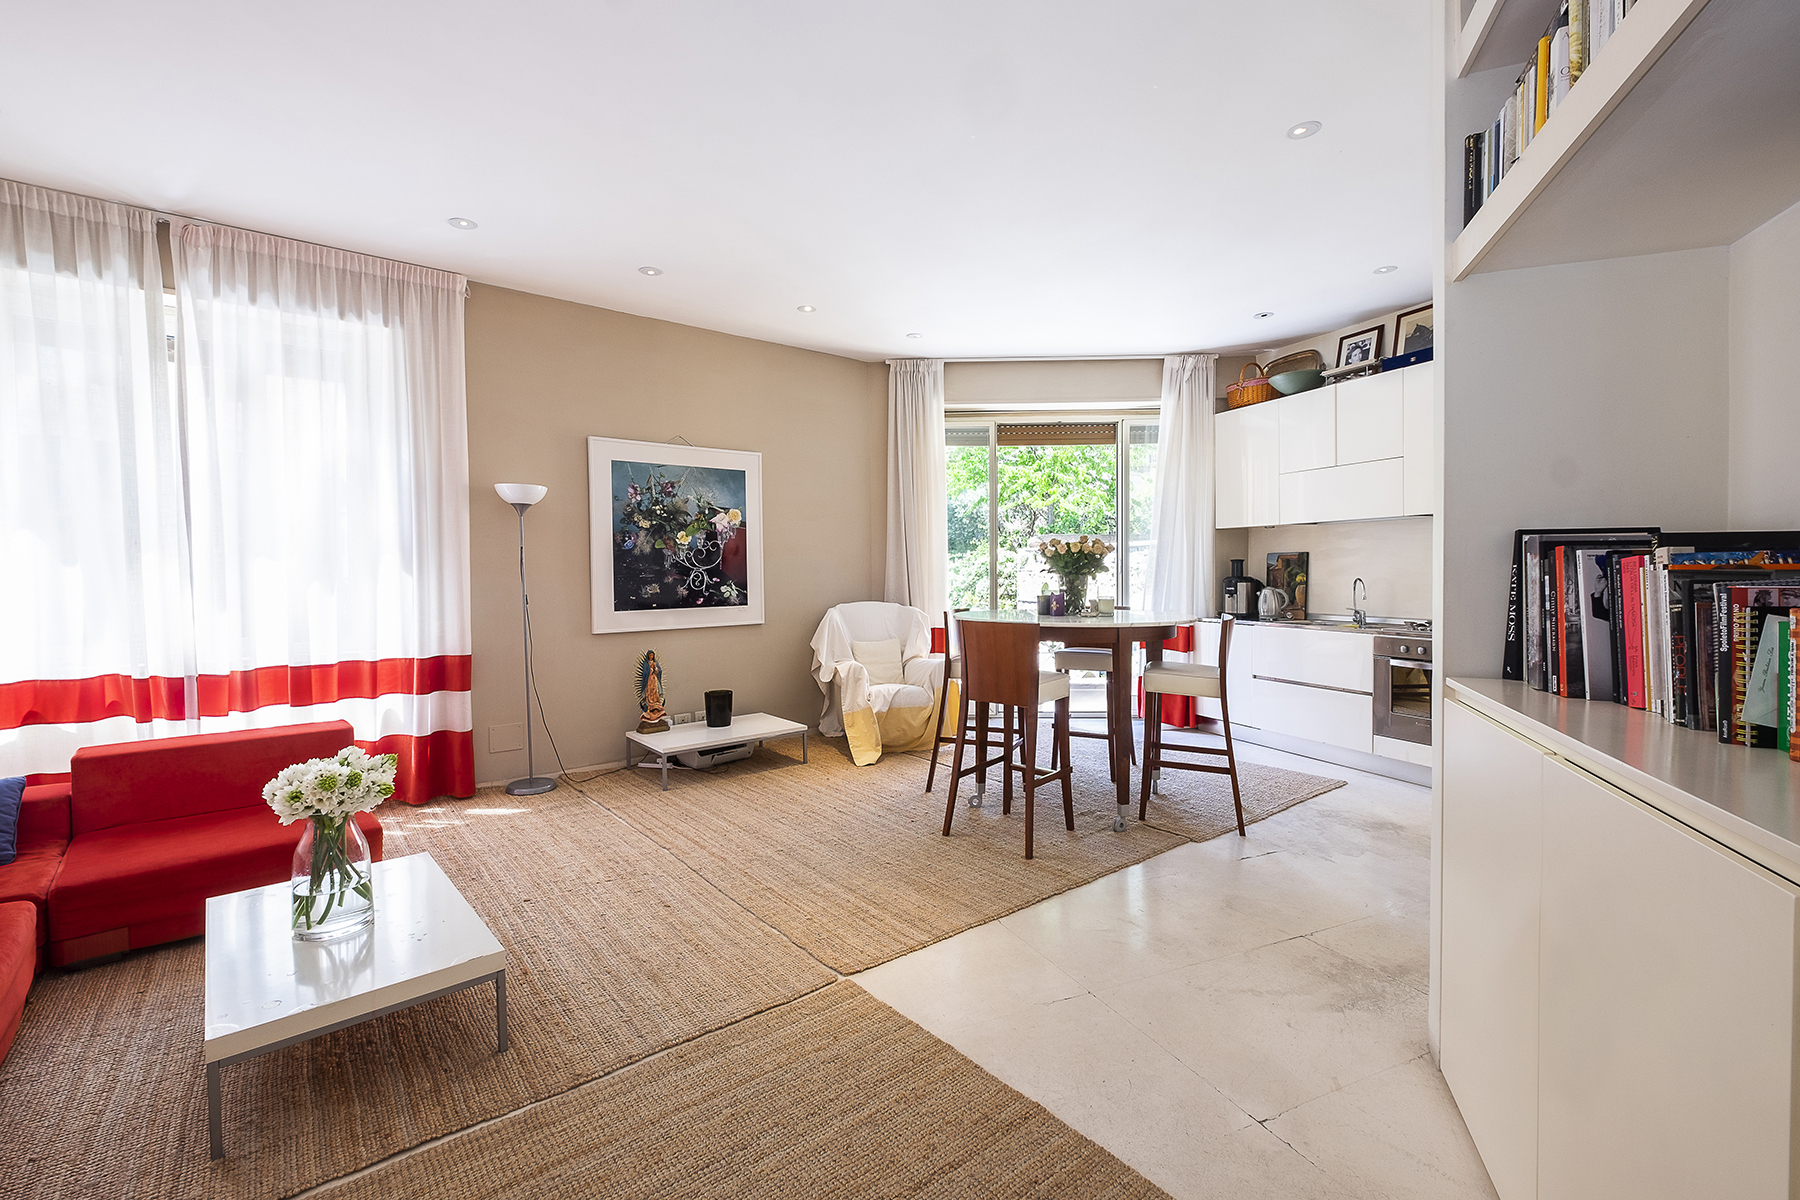 Appartamento in Affitto a Roma 28 Trastevere / Testaccio: 4 locali, 80 mq